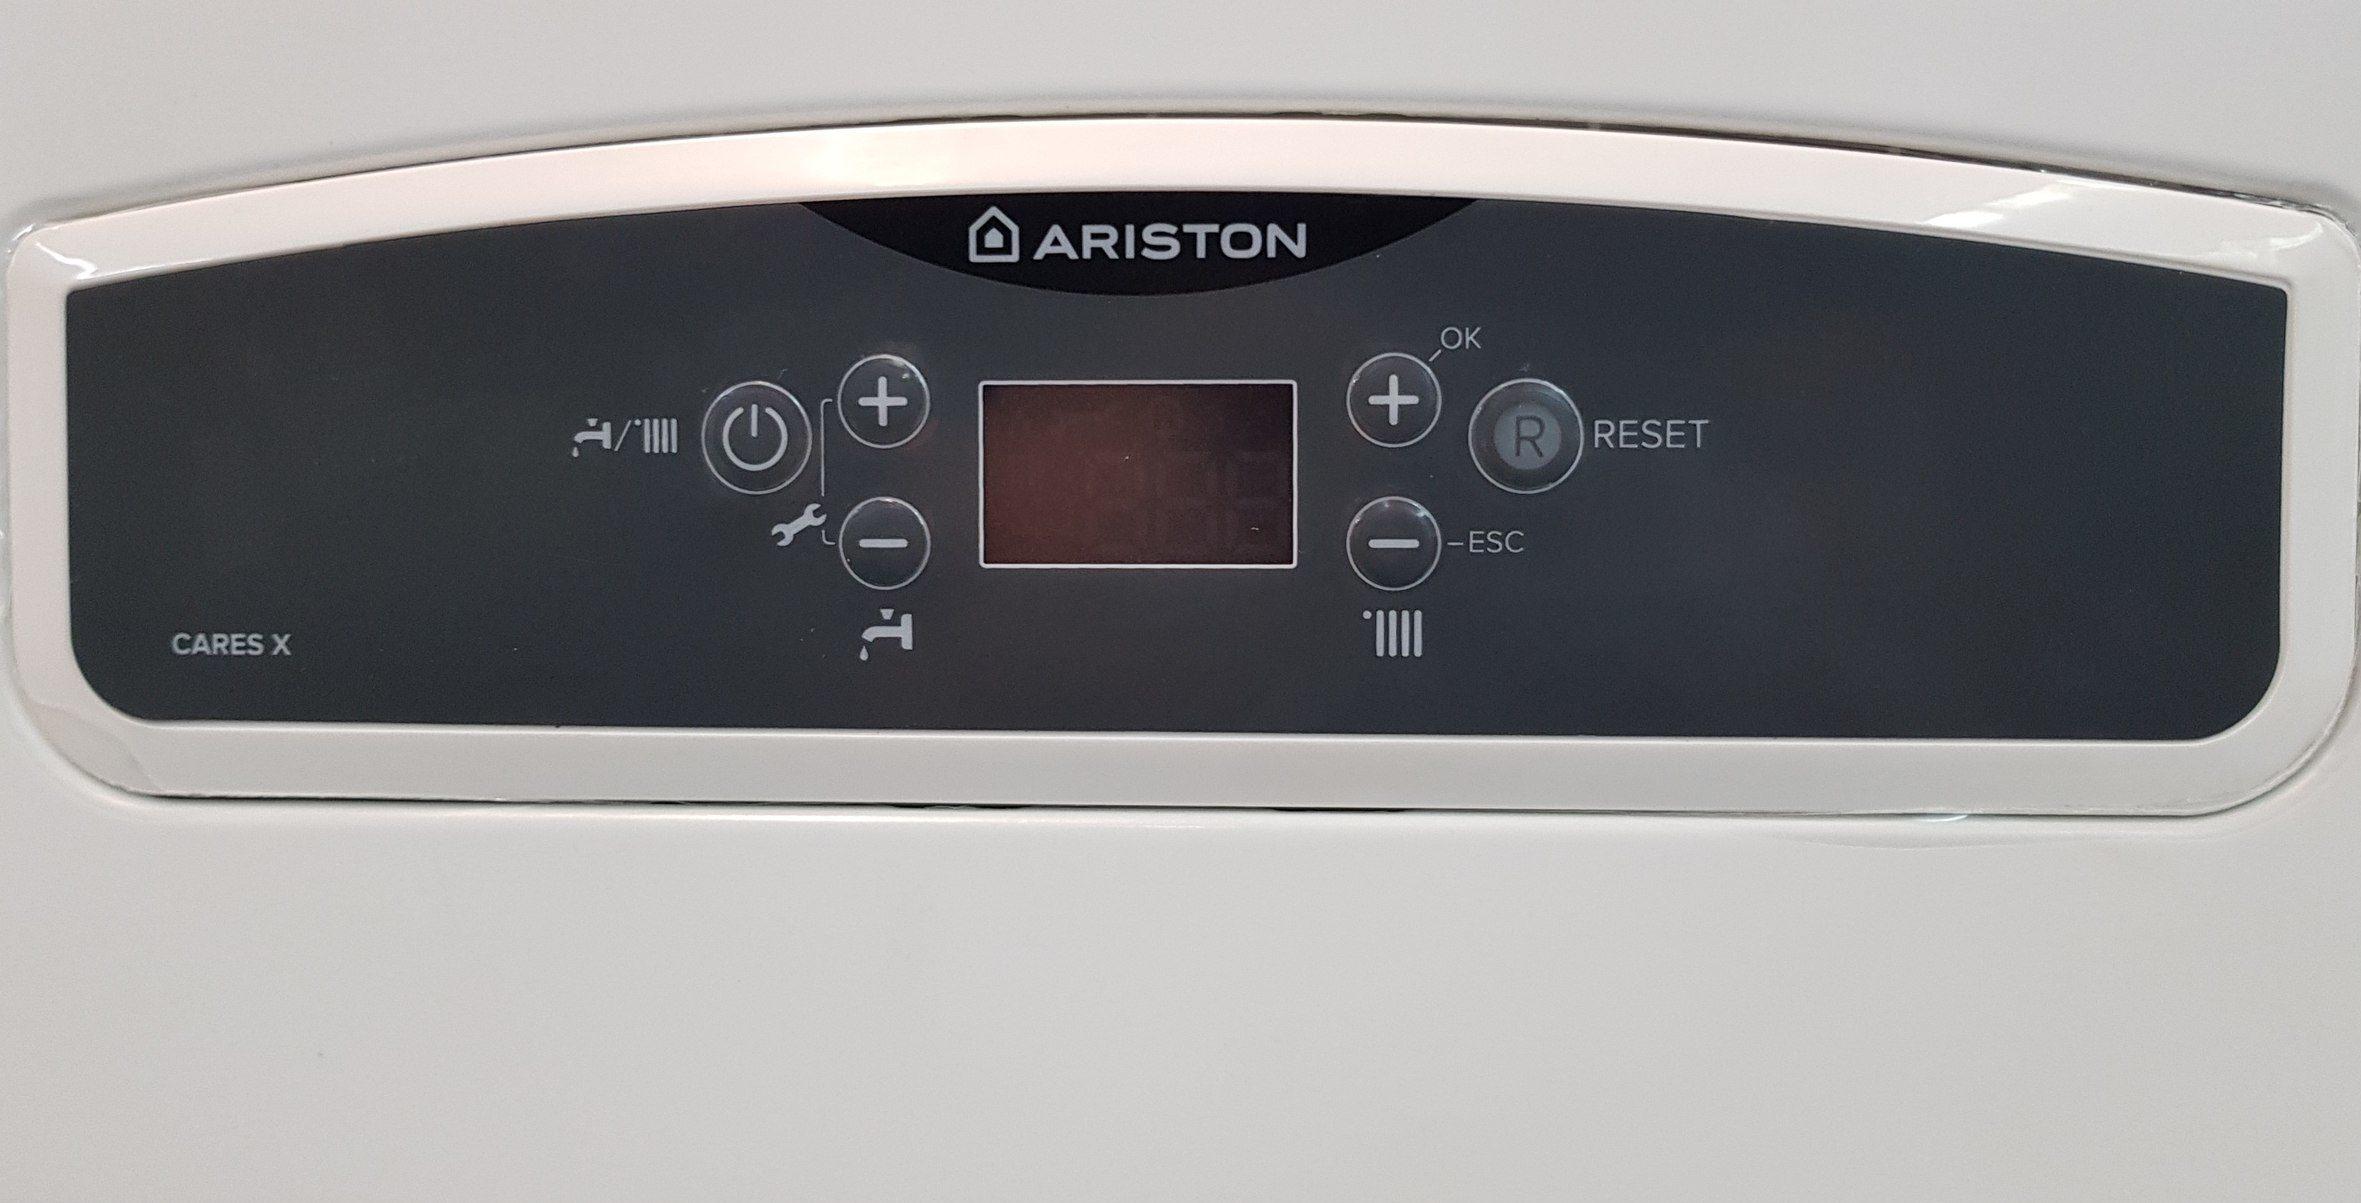 Продажа запасных частей Ariston Аристон ремонт котлов Ariston Аристон пусконаладка ремонт